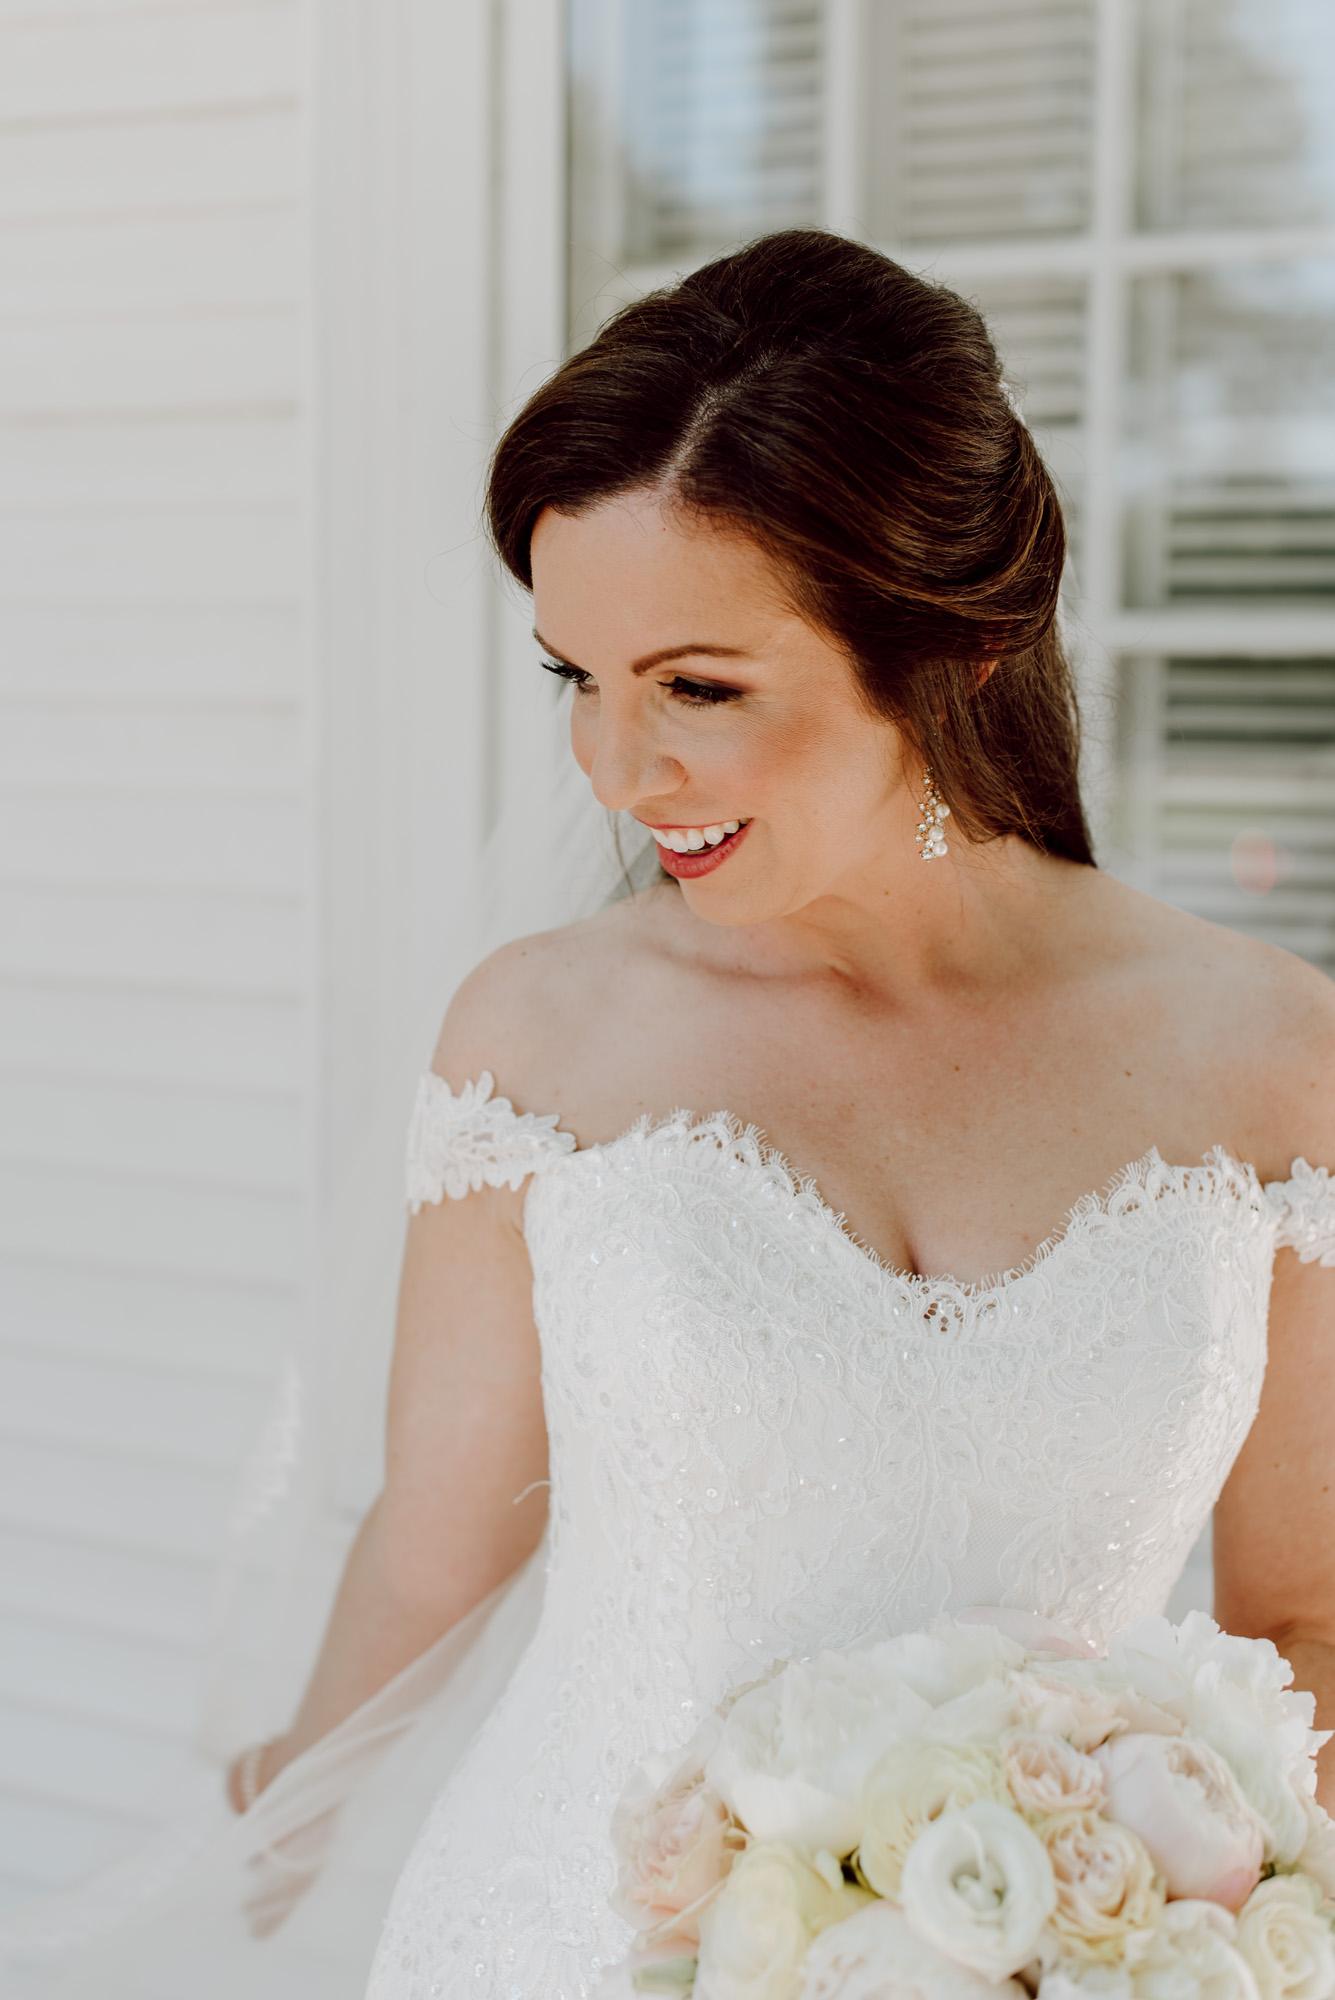 Rockford-IL-wedding-photographers-1.jpg